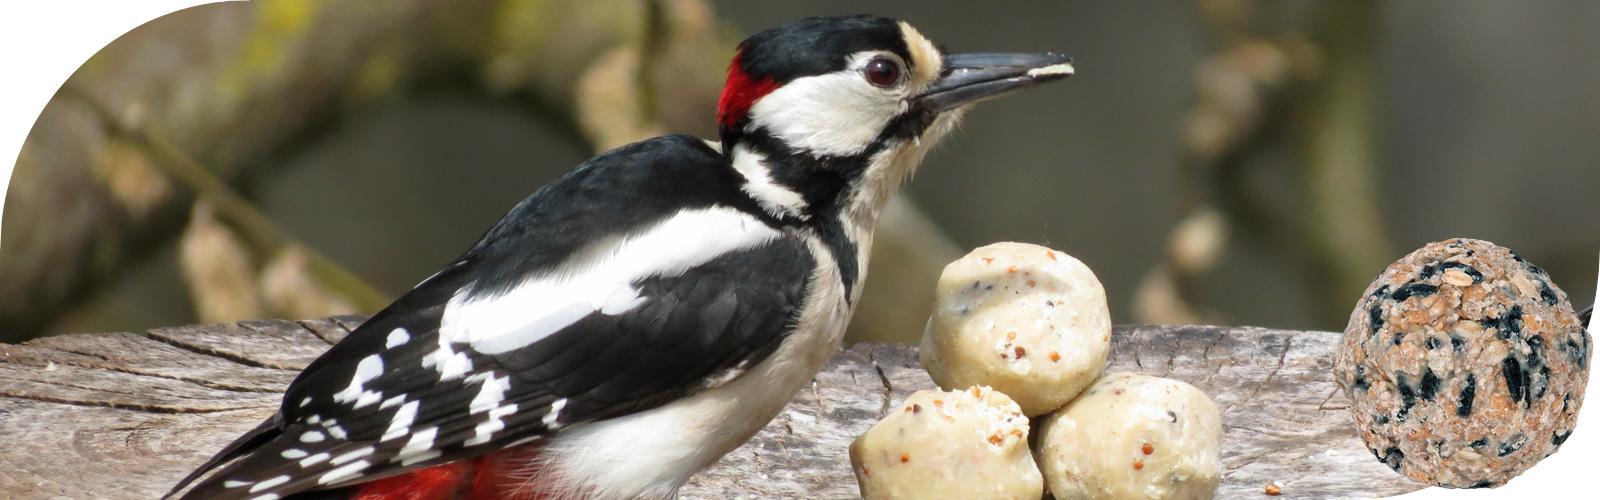 Vetbollen - Het aanvullende voer voor tuinvogels